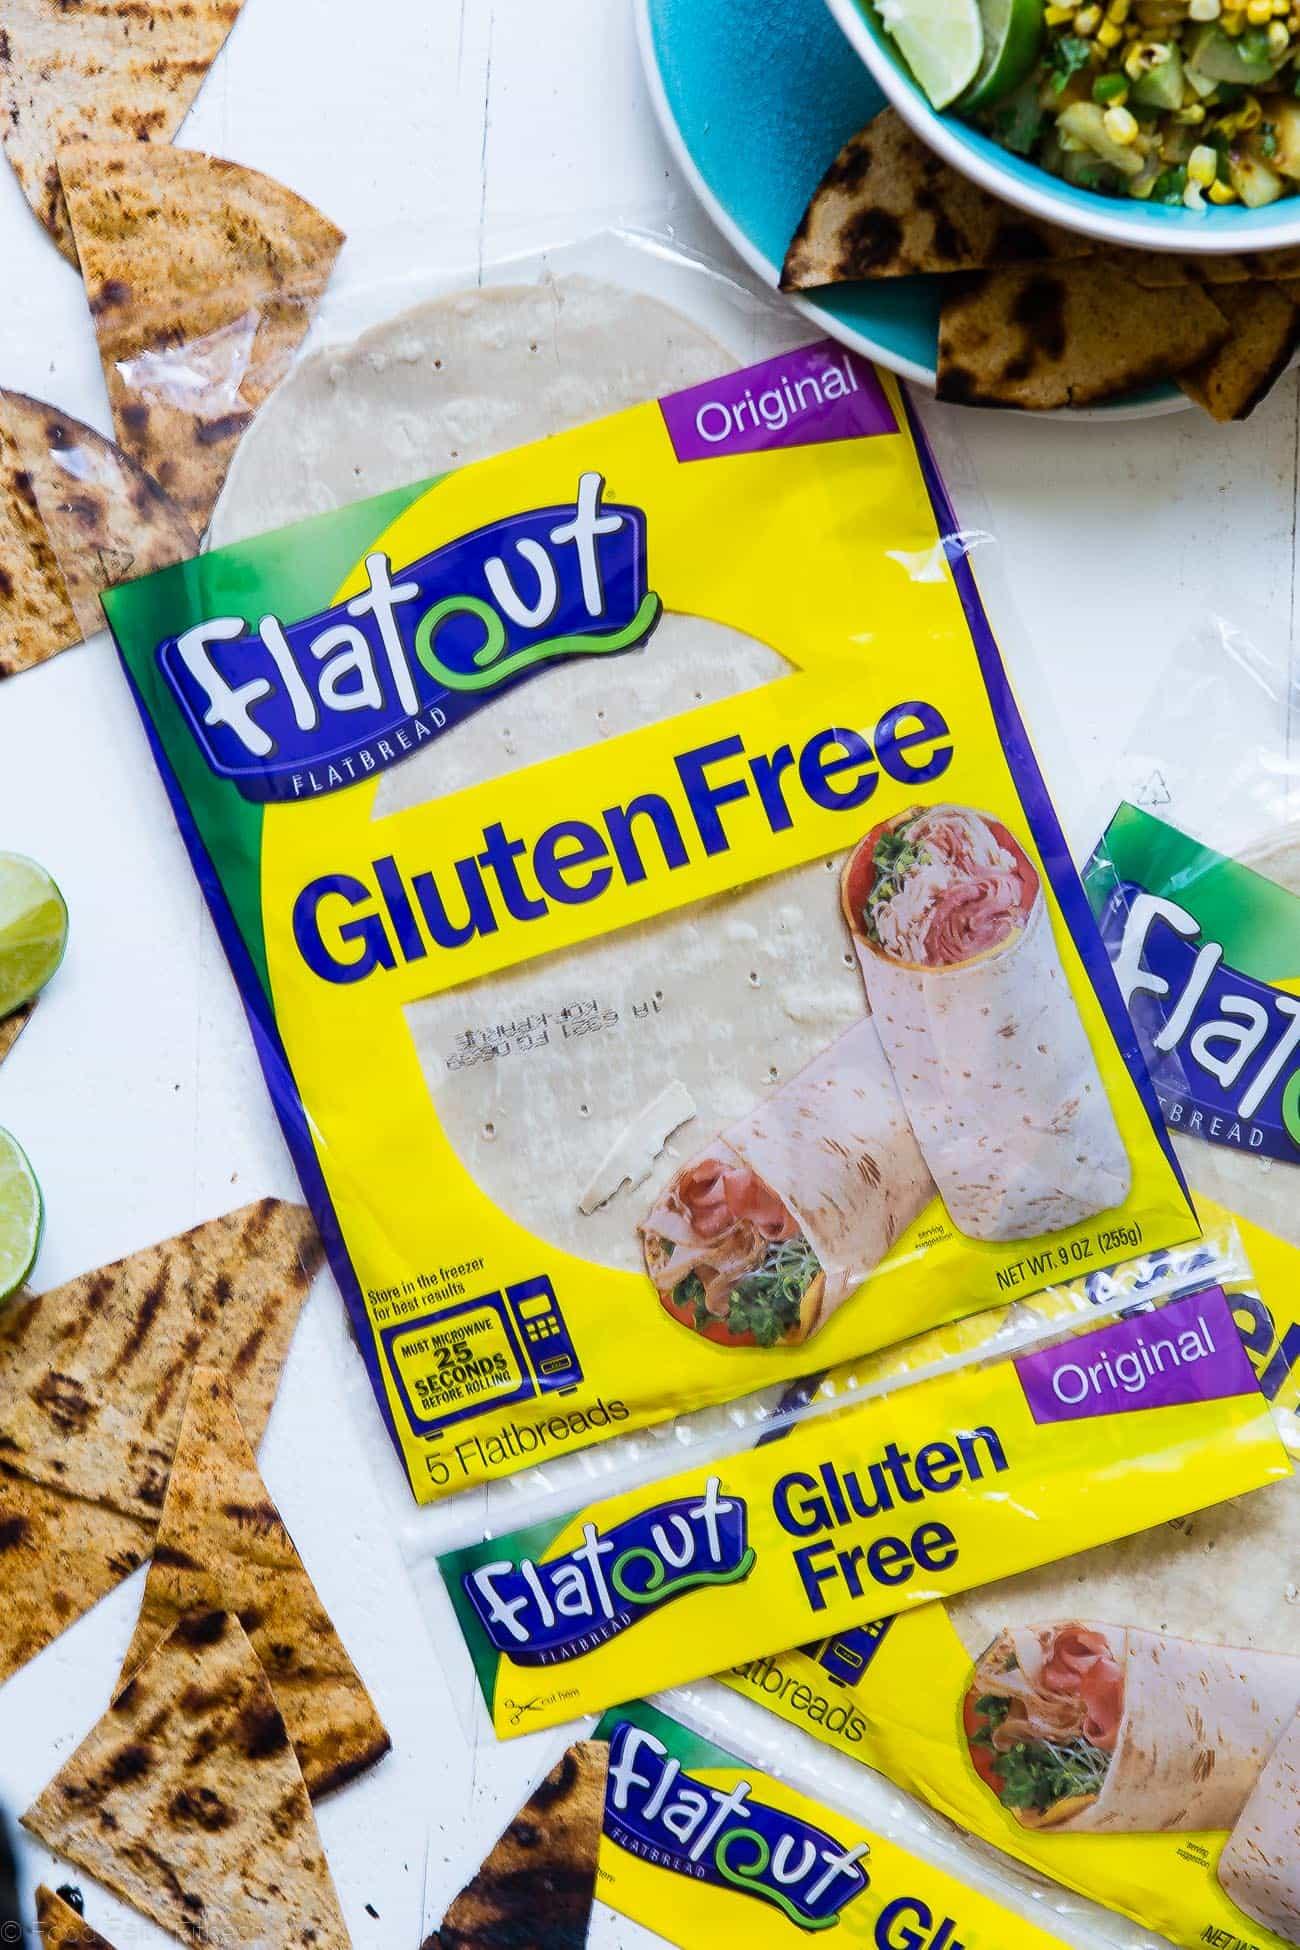 Flatout Gluten Free Flatbread Package